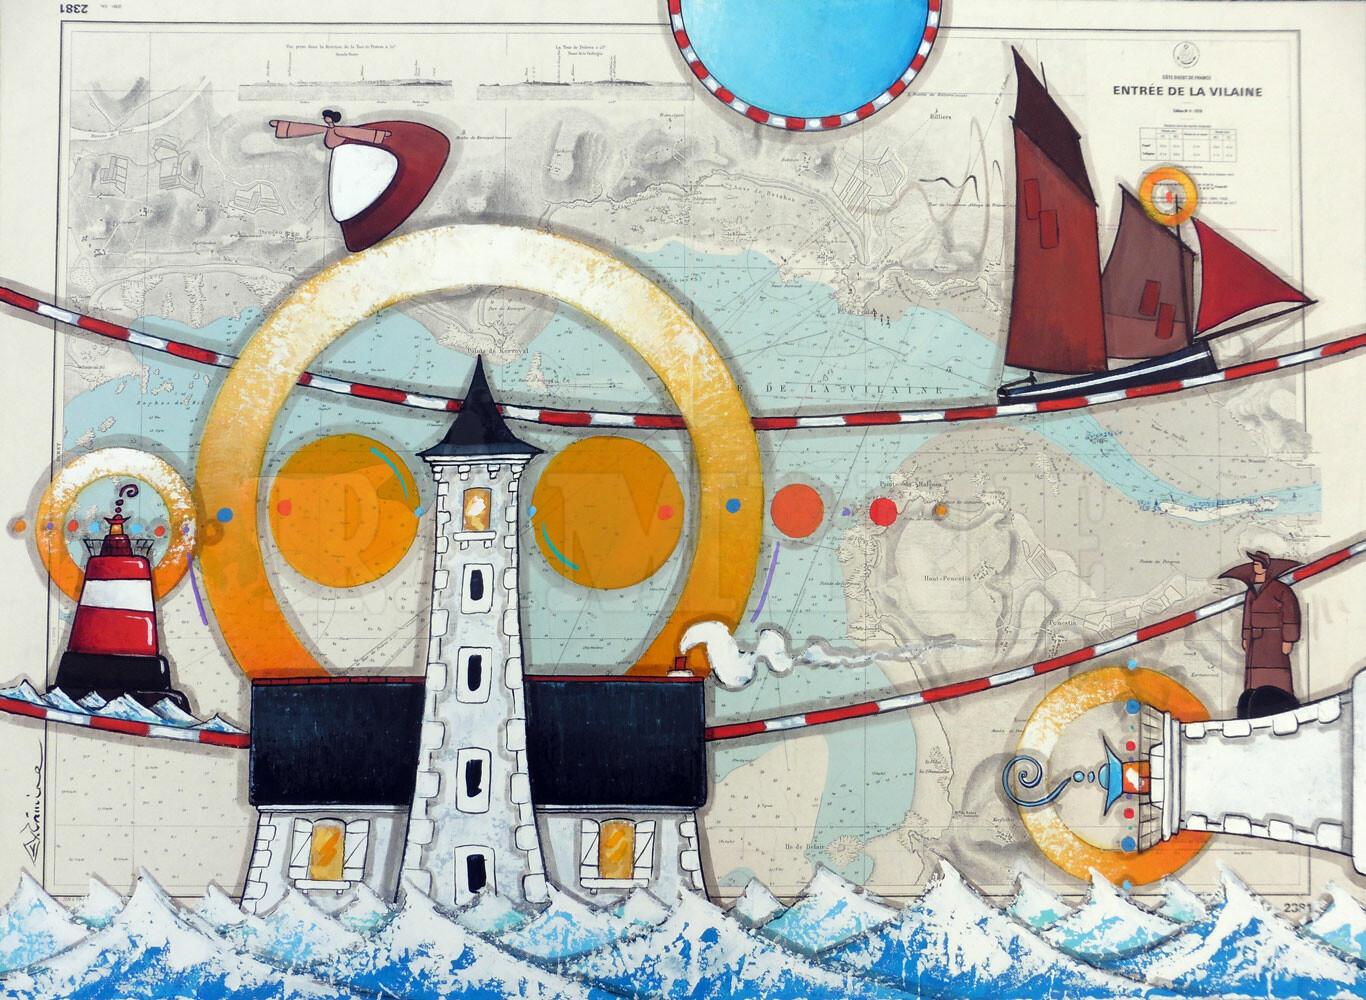 Le phare de Tréhiguier et la chaloupe « Belle de Vilaine »